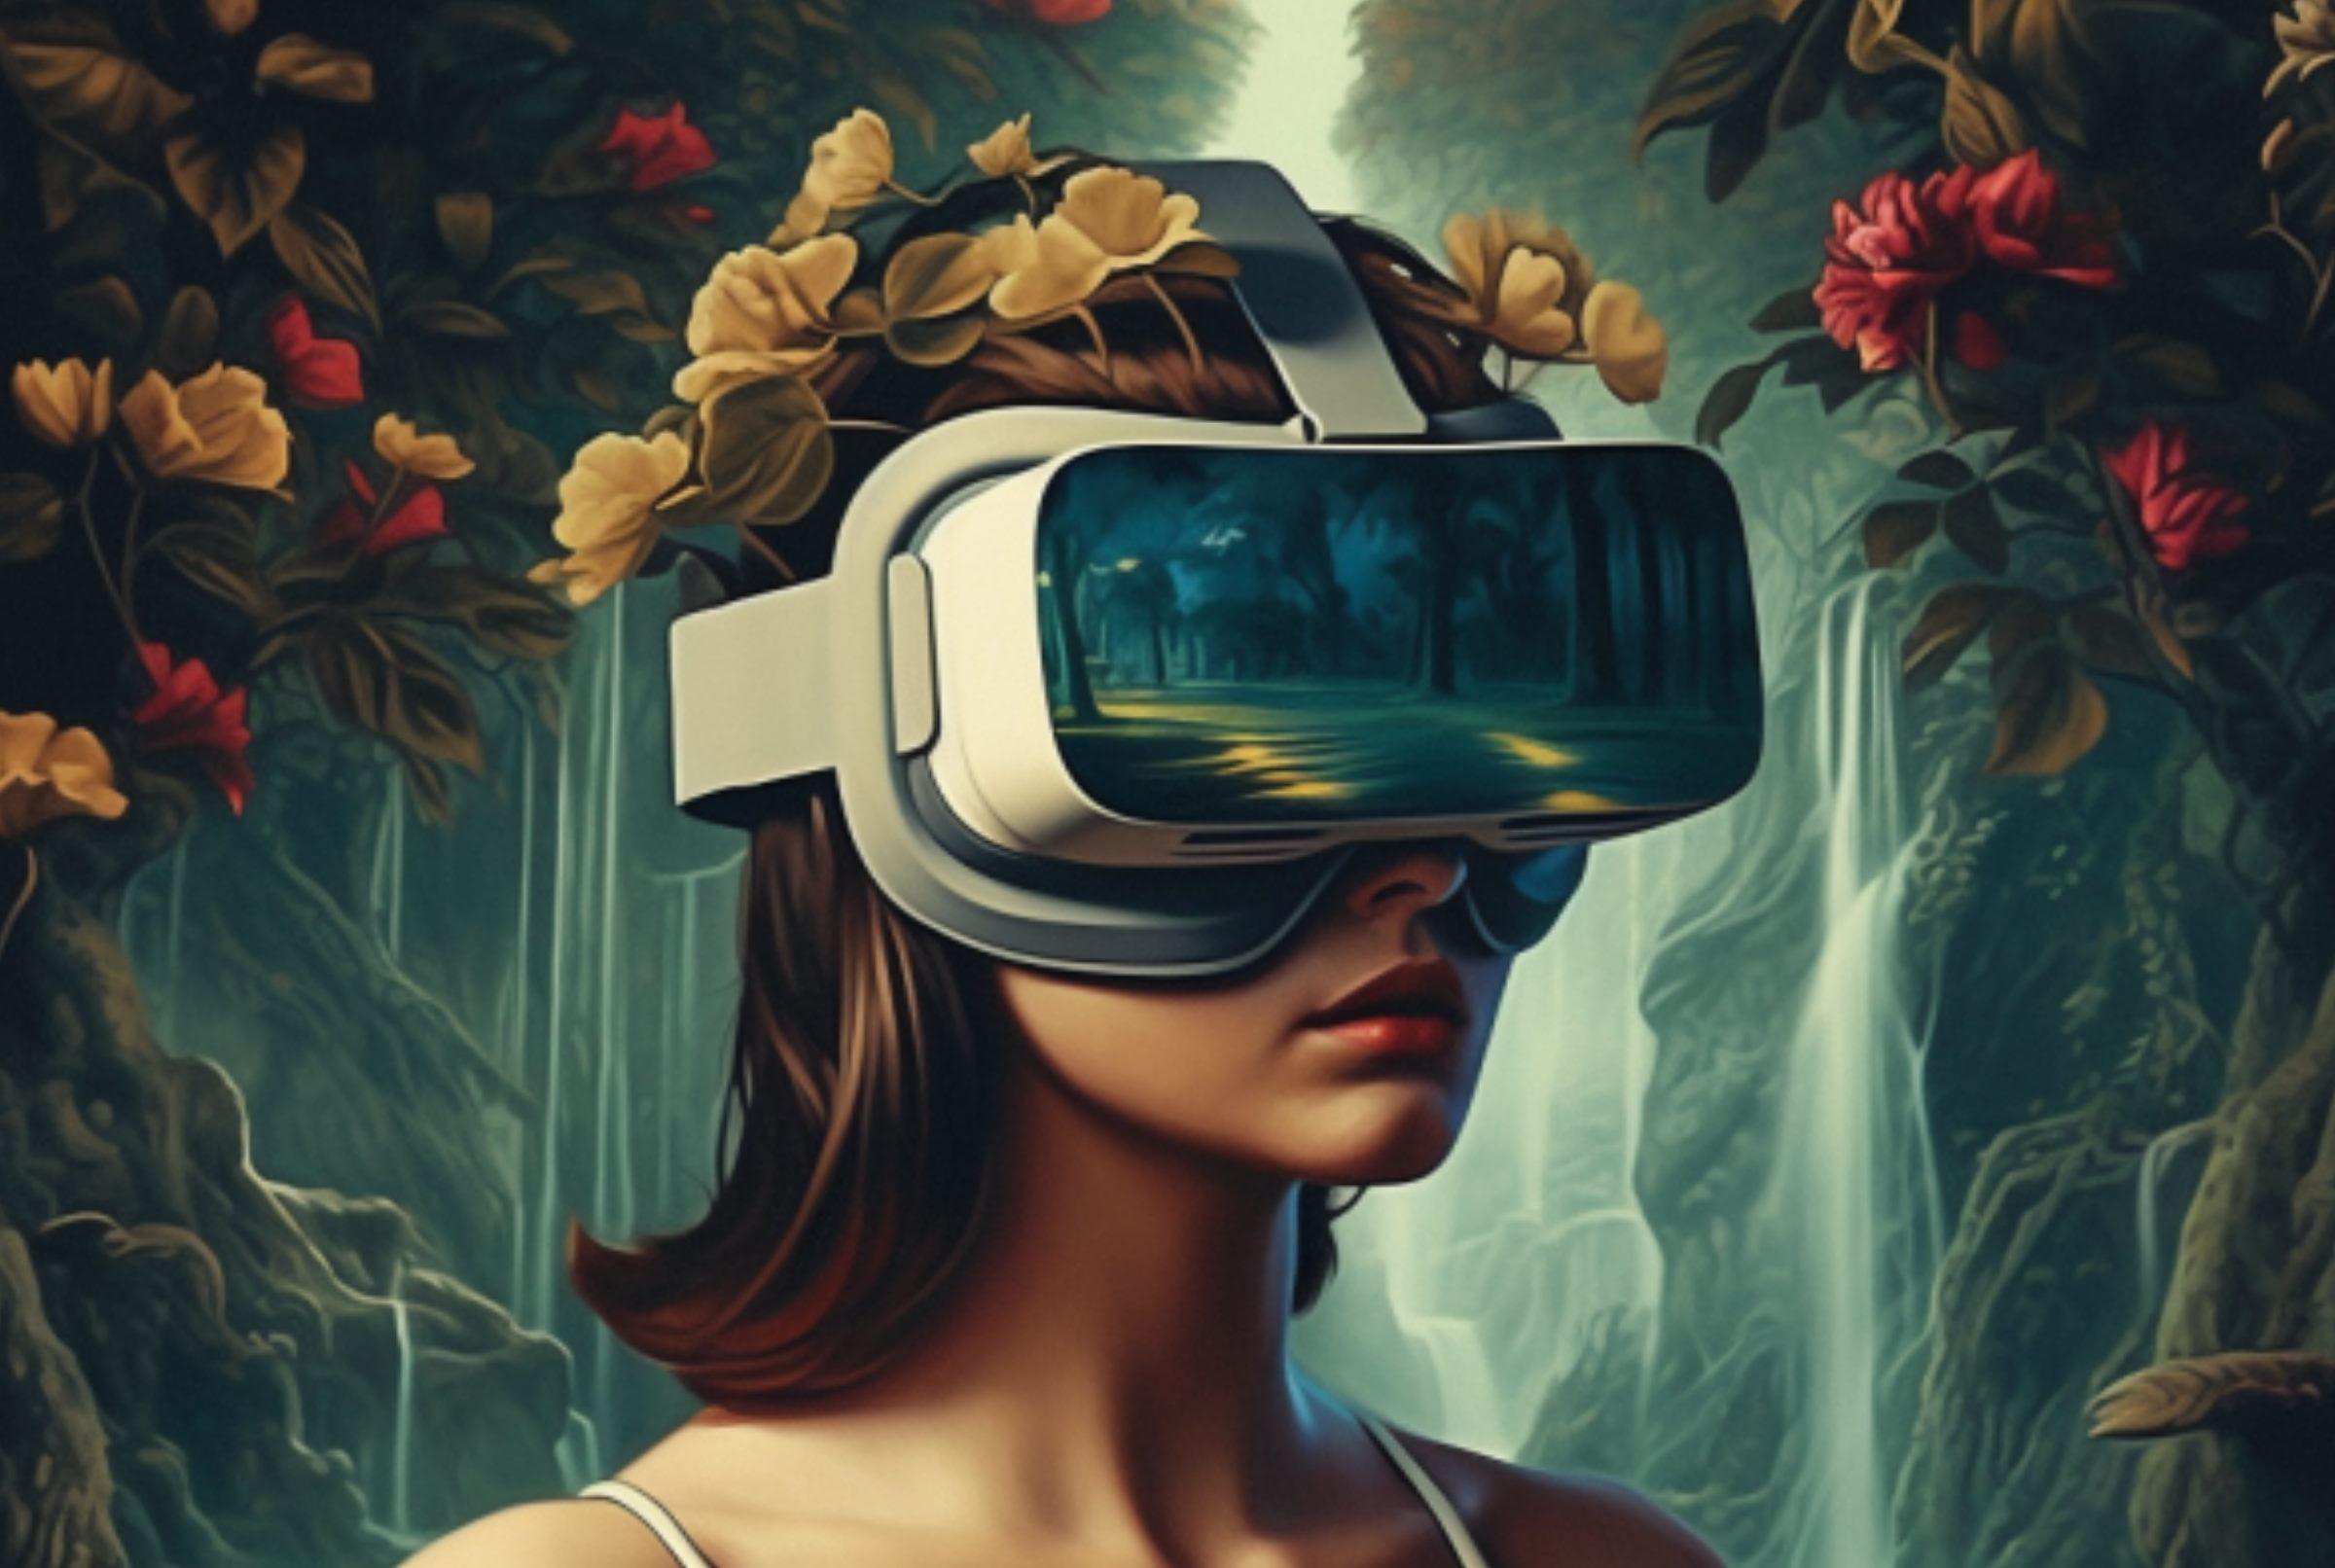 года квест в виртуальной реальности правильно выбрать балансиры